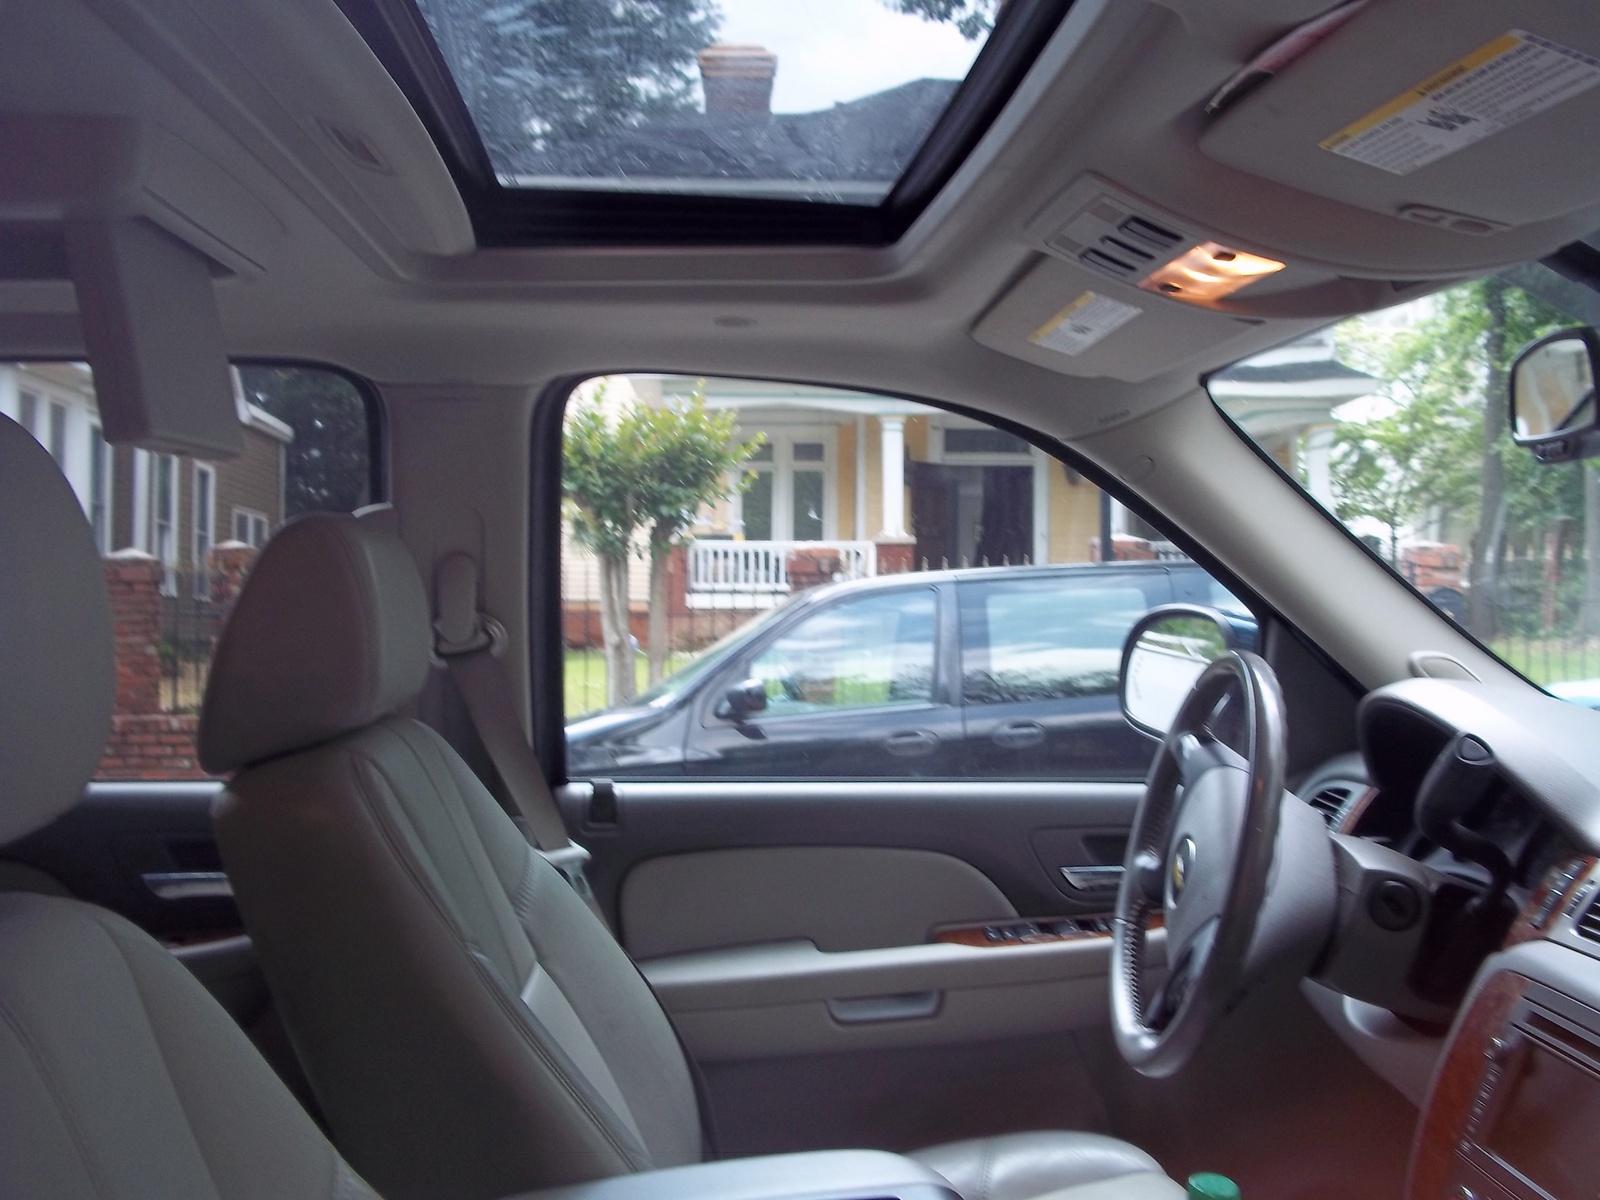 2007 Chevrolet Tahoe - Interior Pictures - CarGurus